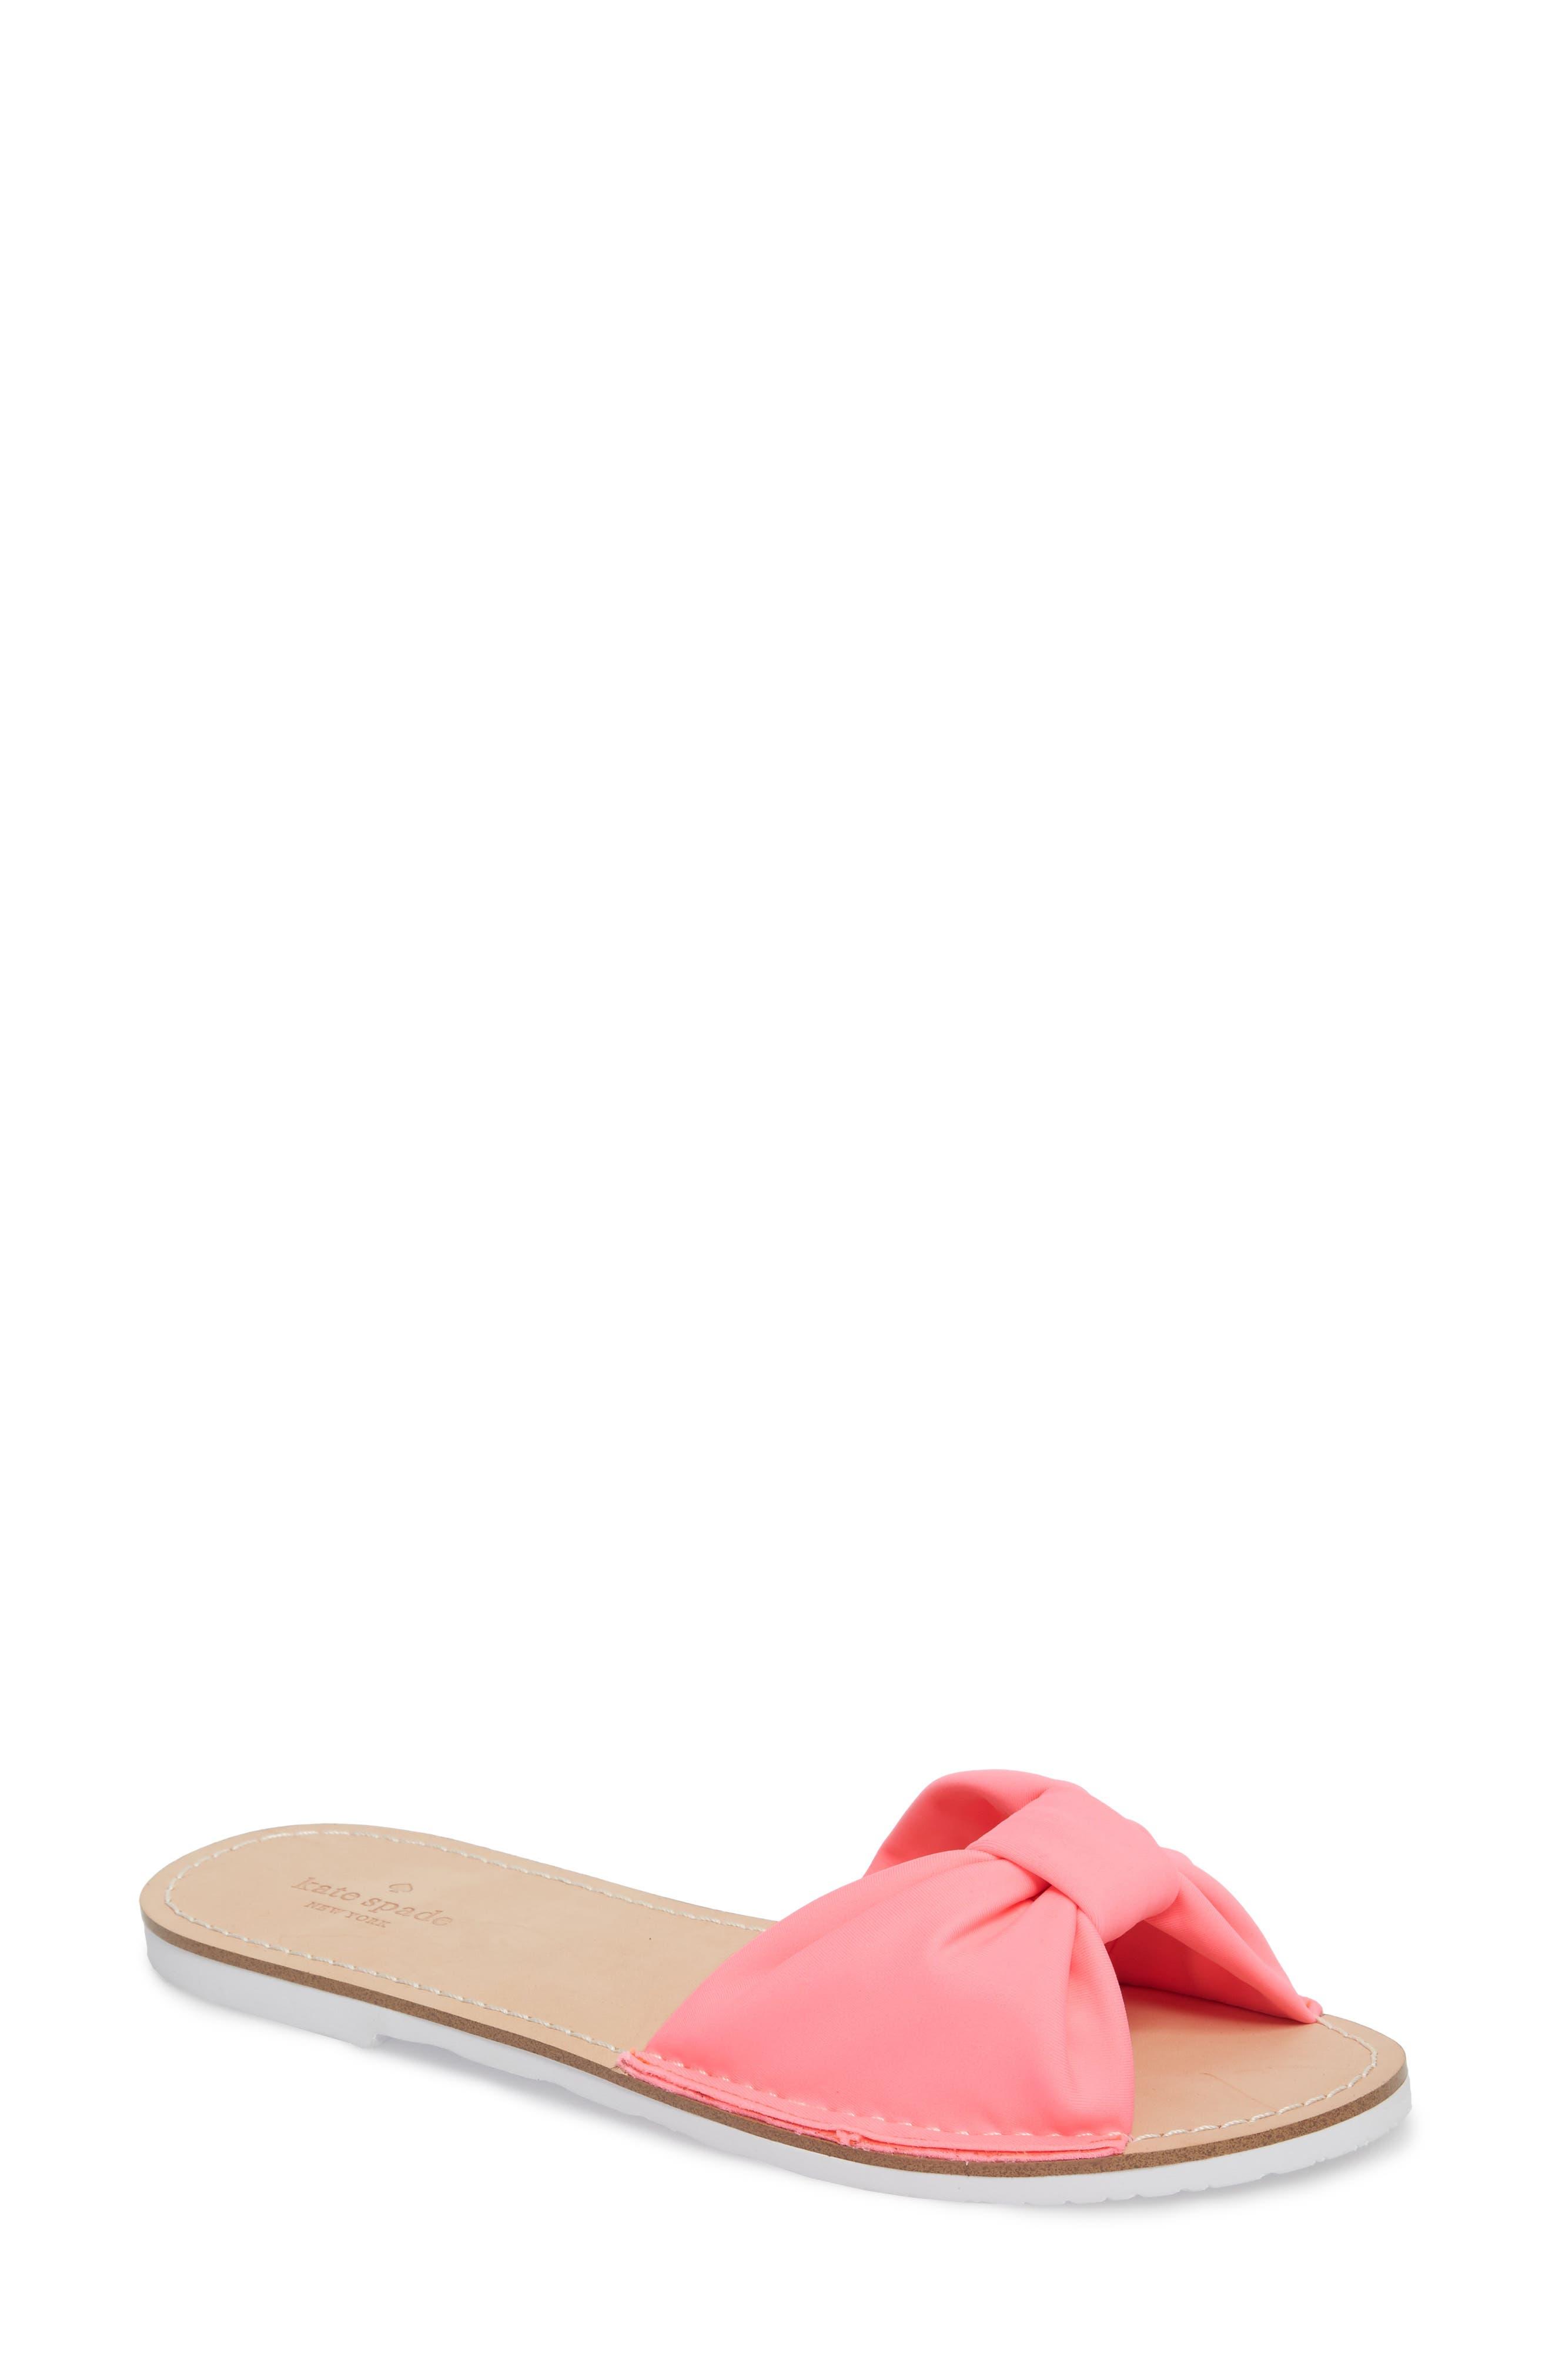 indi slide sandal,                             Main thumbnail 3, color,